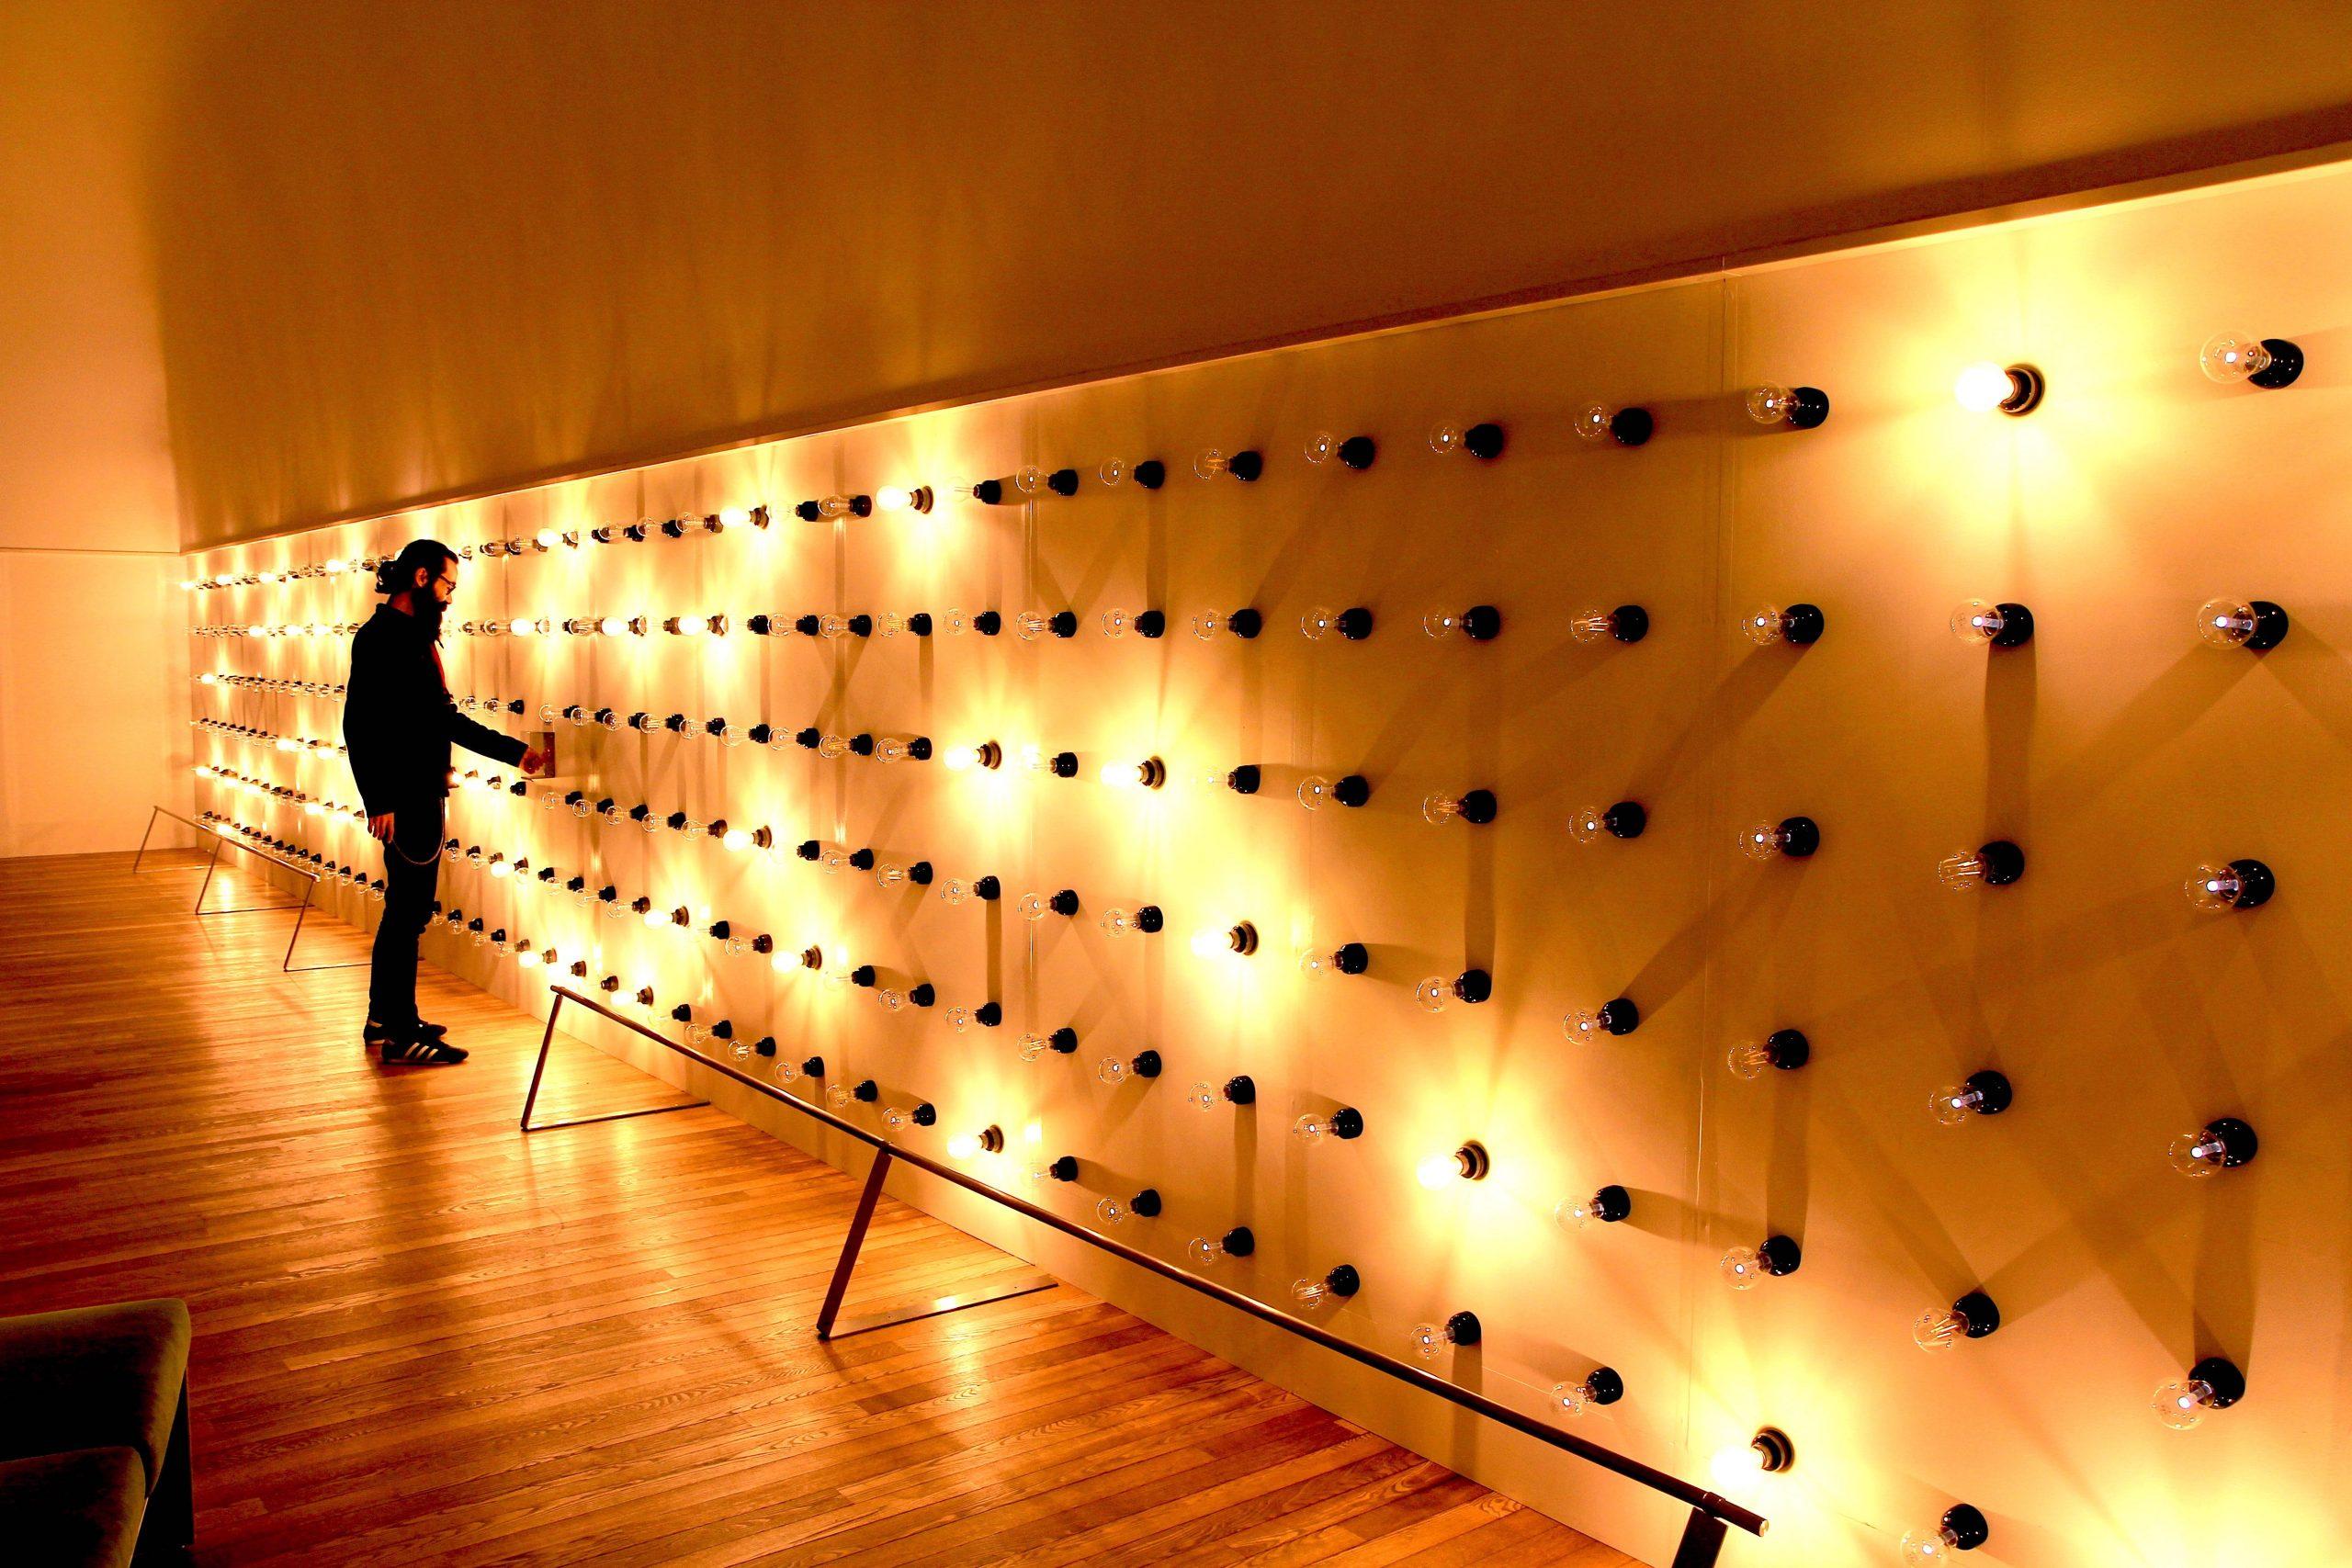 「light dress」2019  アクリル樹脂、電球、自然光、LED電球、色紙、ボタン、配線コード